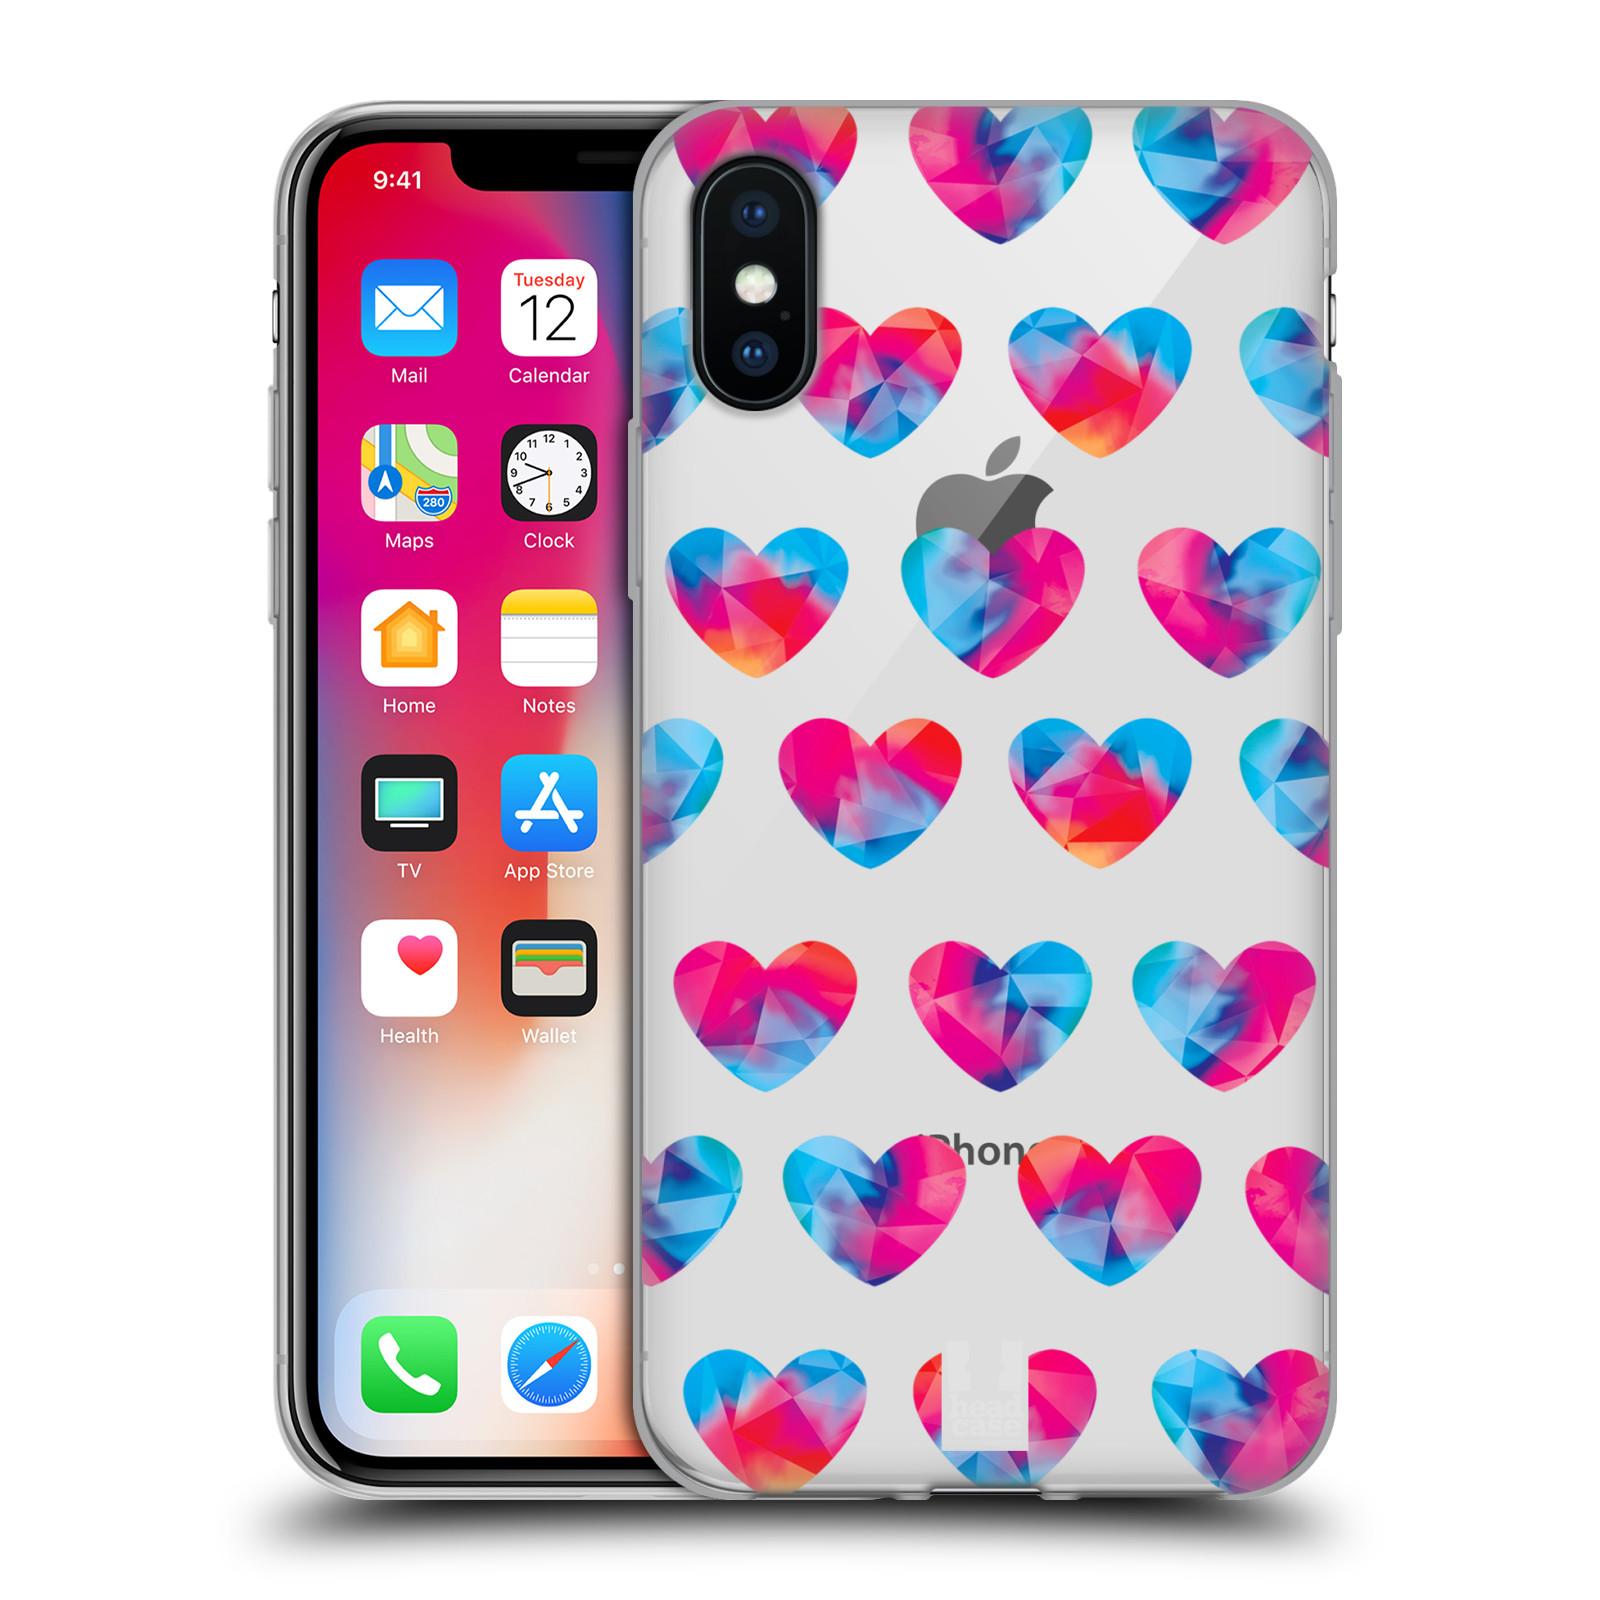 Silikonové pouzdro na mobil Apple iPhone X- Head Case - Srdíčka hrající barvami